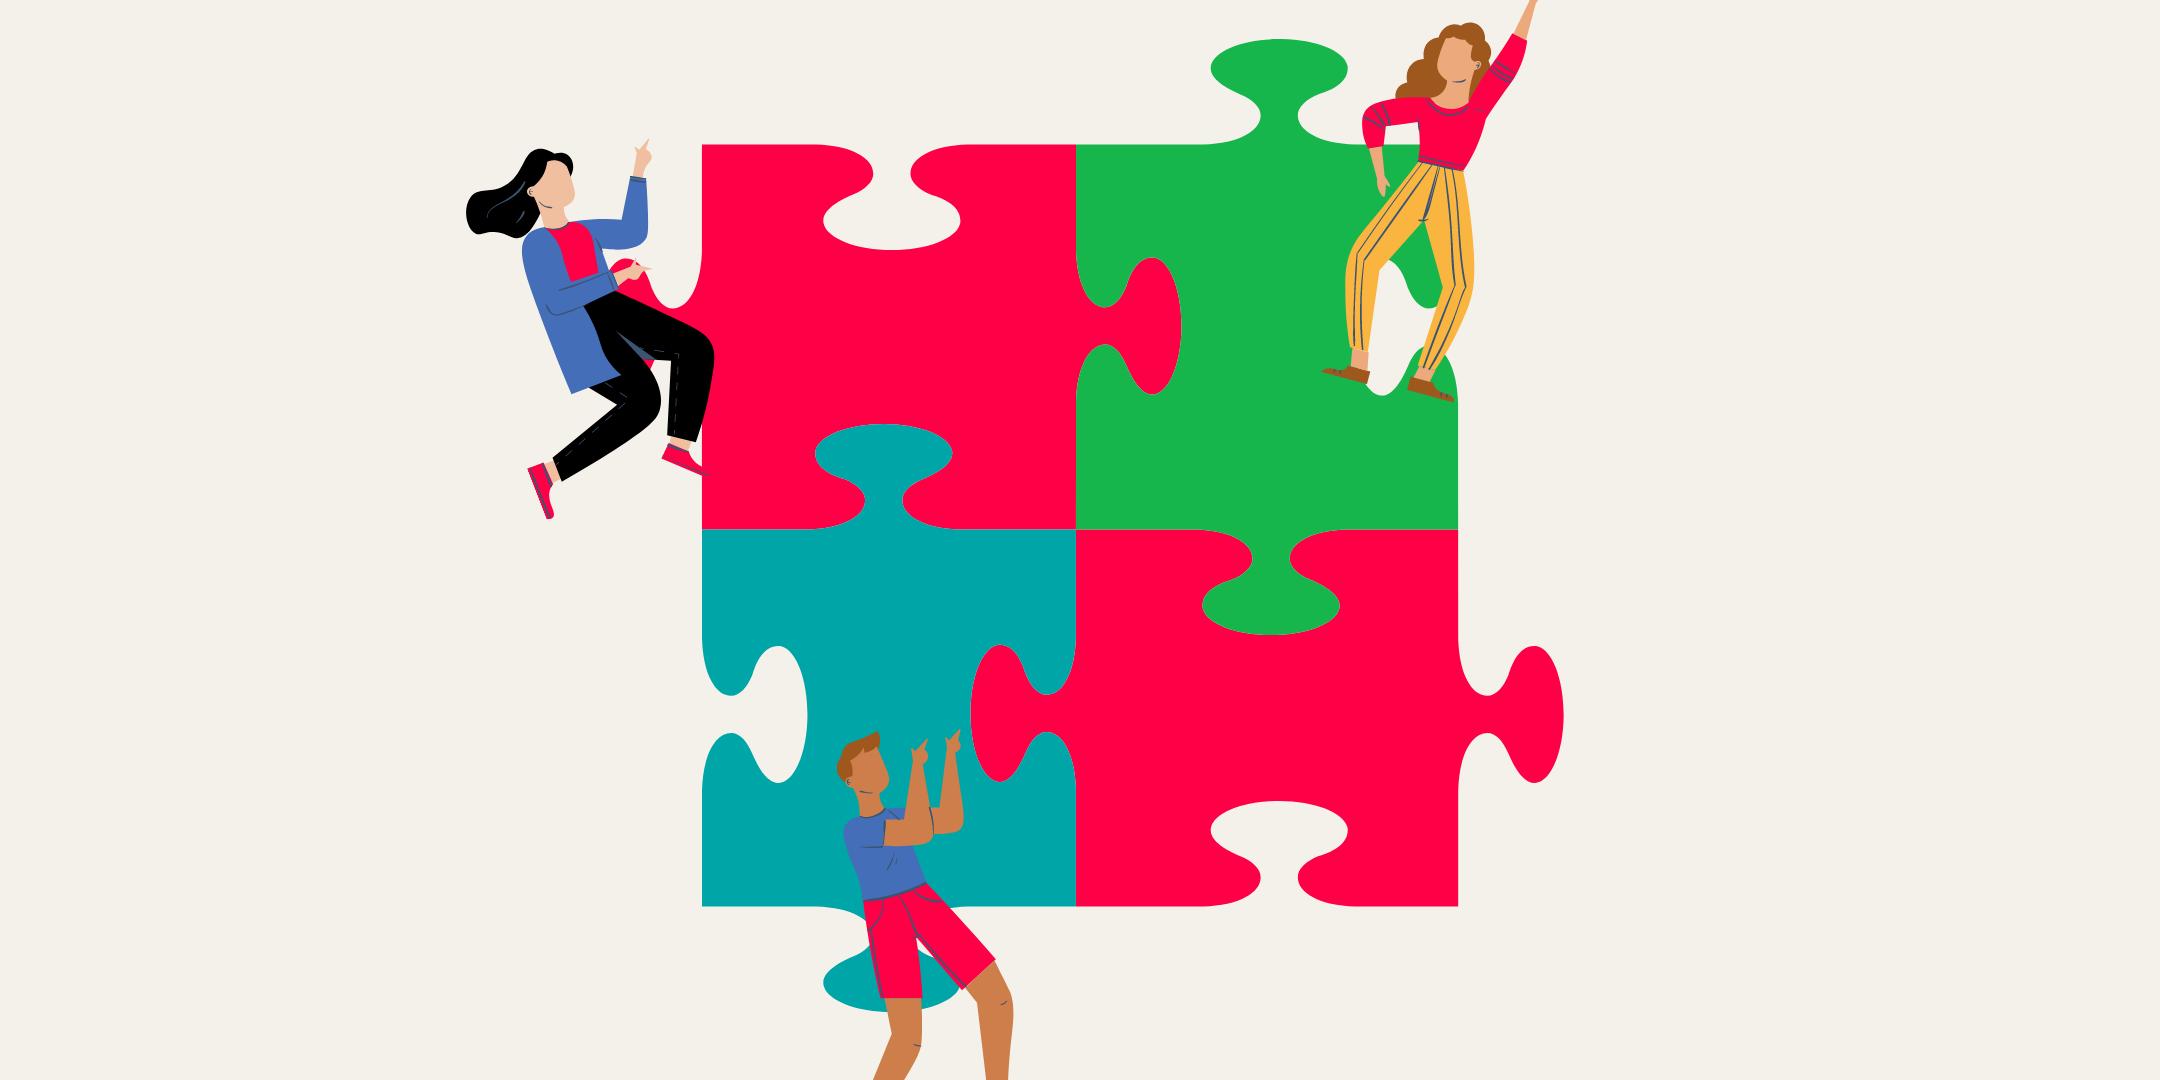 Puzzle - Blog Engagement